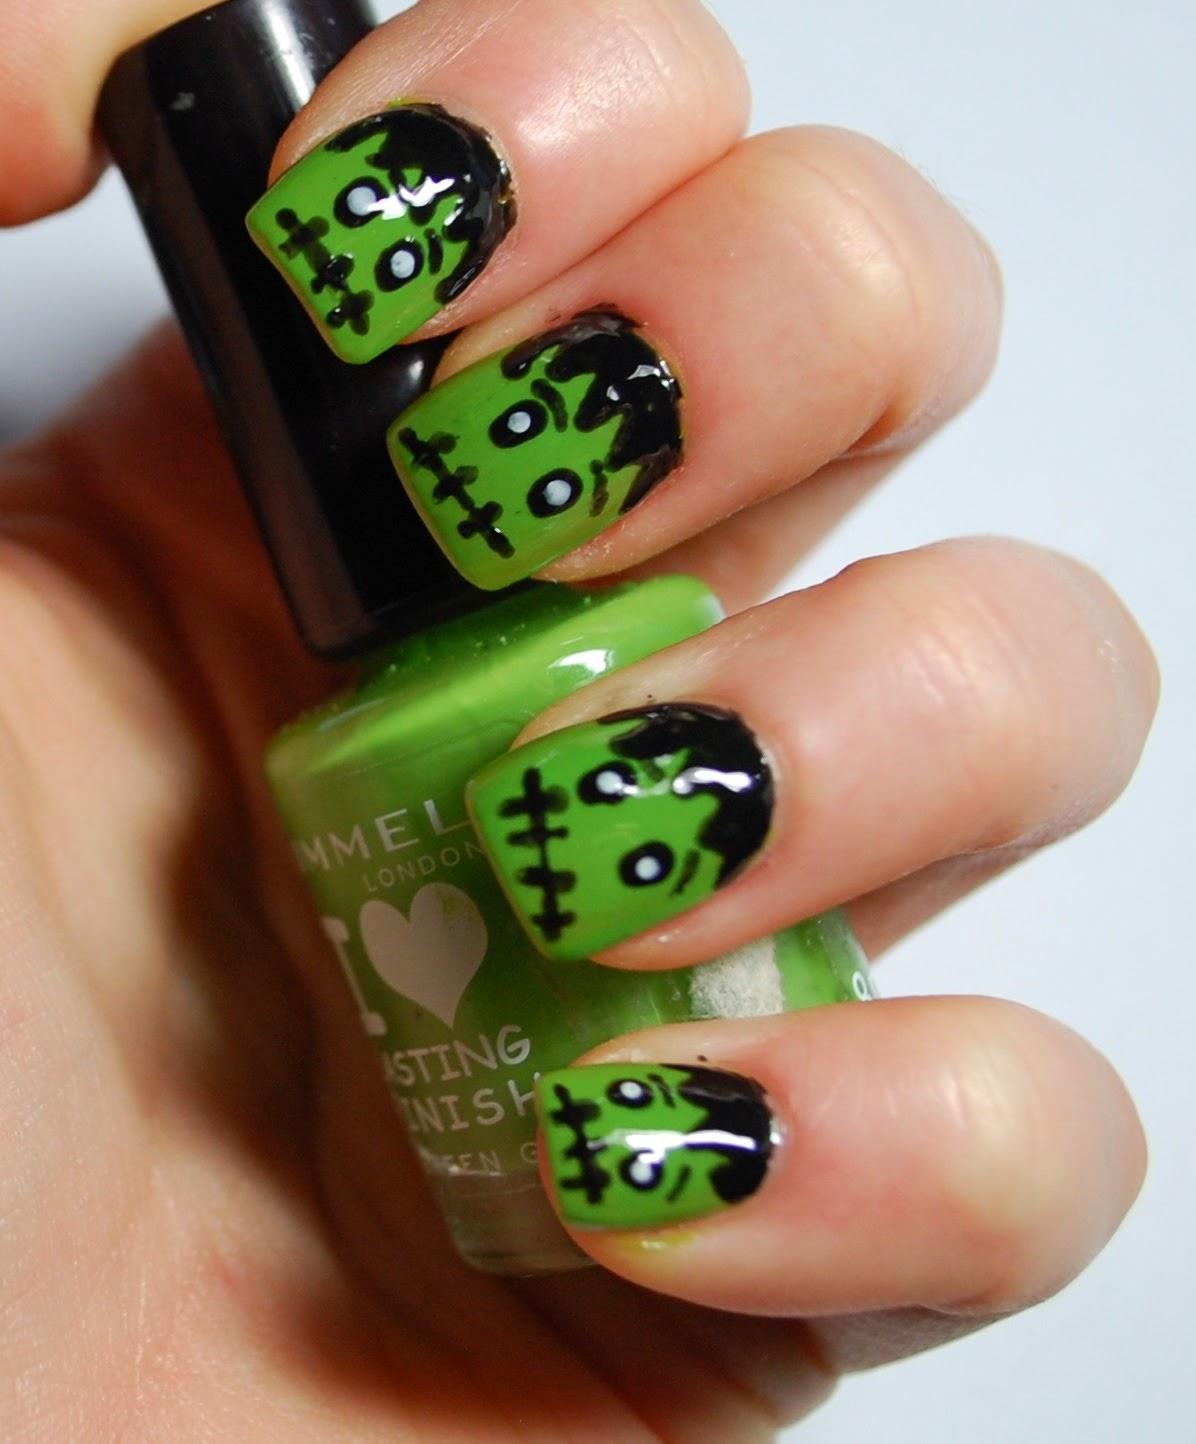 In samazement halloween frankenstein nail art halloween frankenstein nail art prinsesfo Image collections